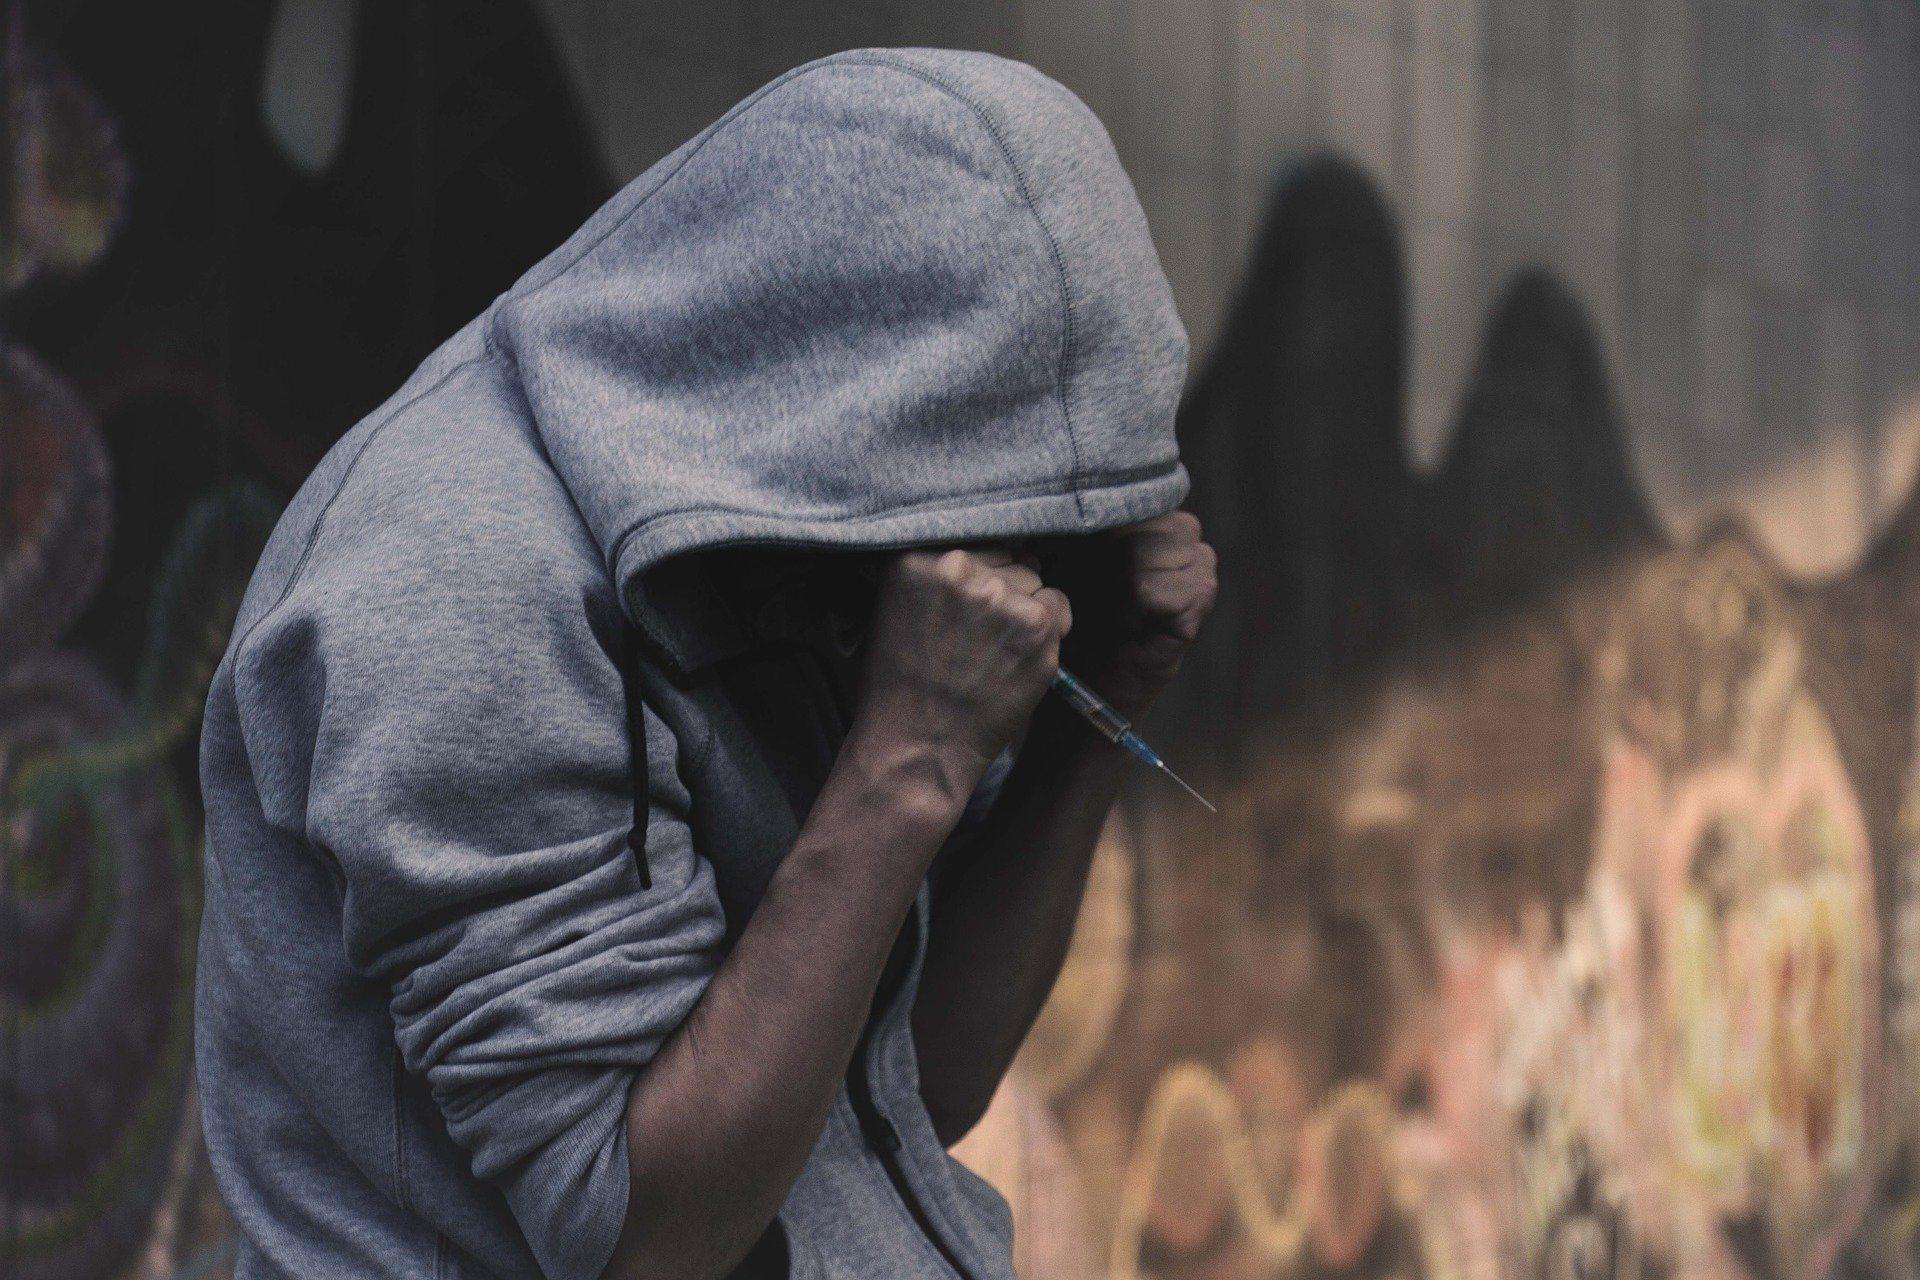 Uso personale di sostanze stupefacenti: cosa prevede la Legge e cosa fare in caso di fermo della Polizia